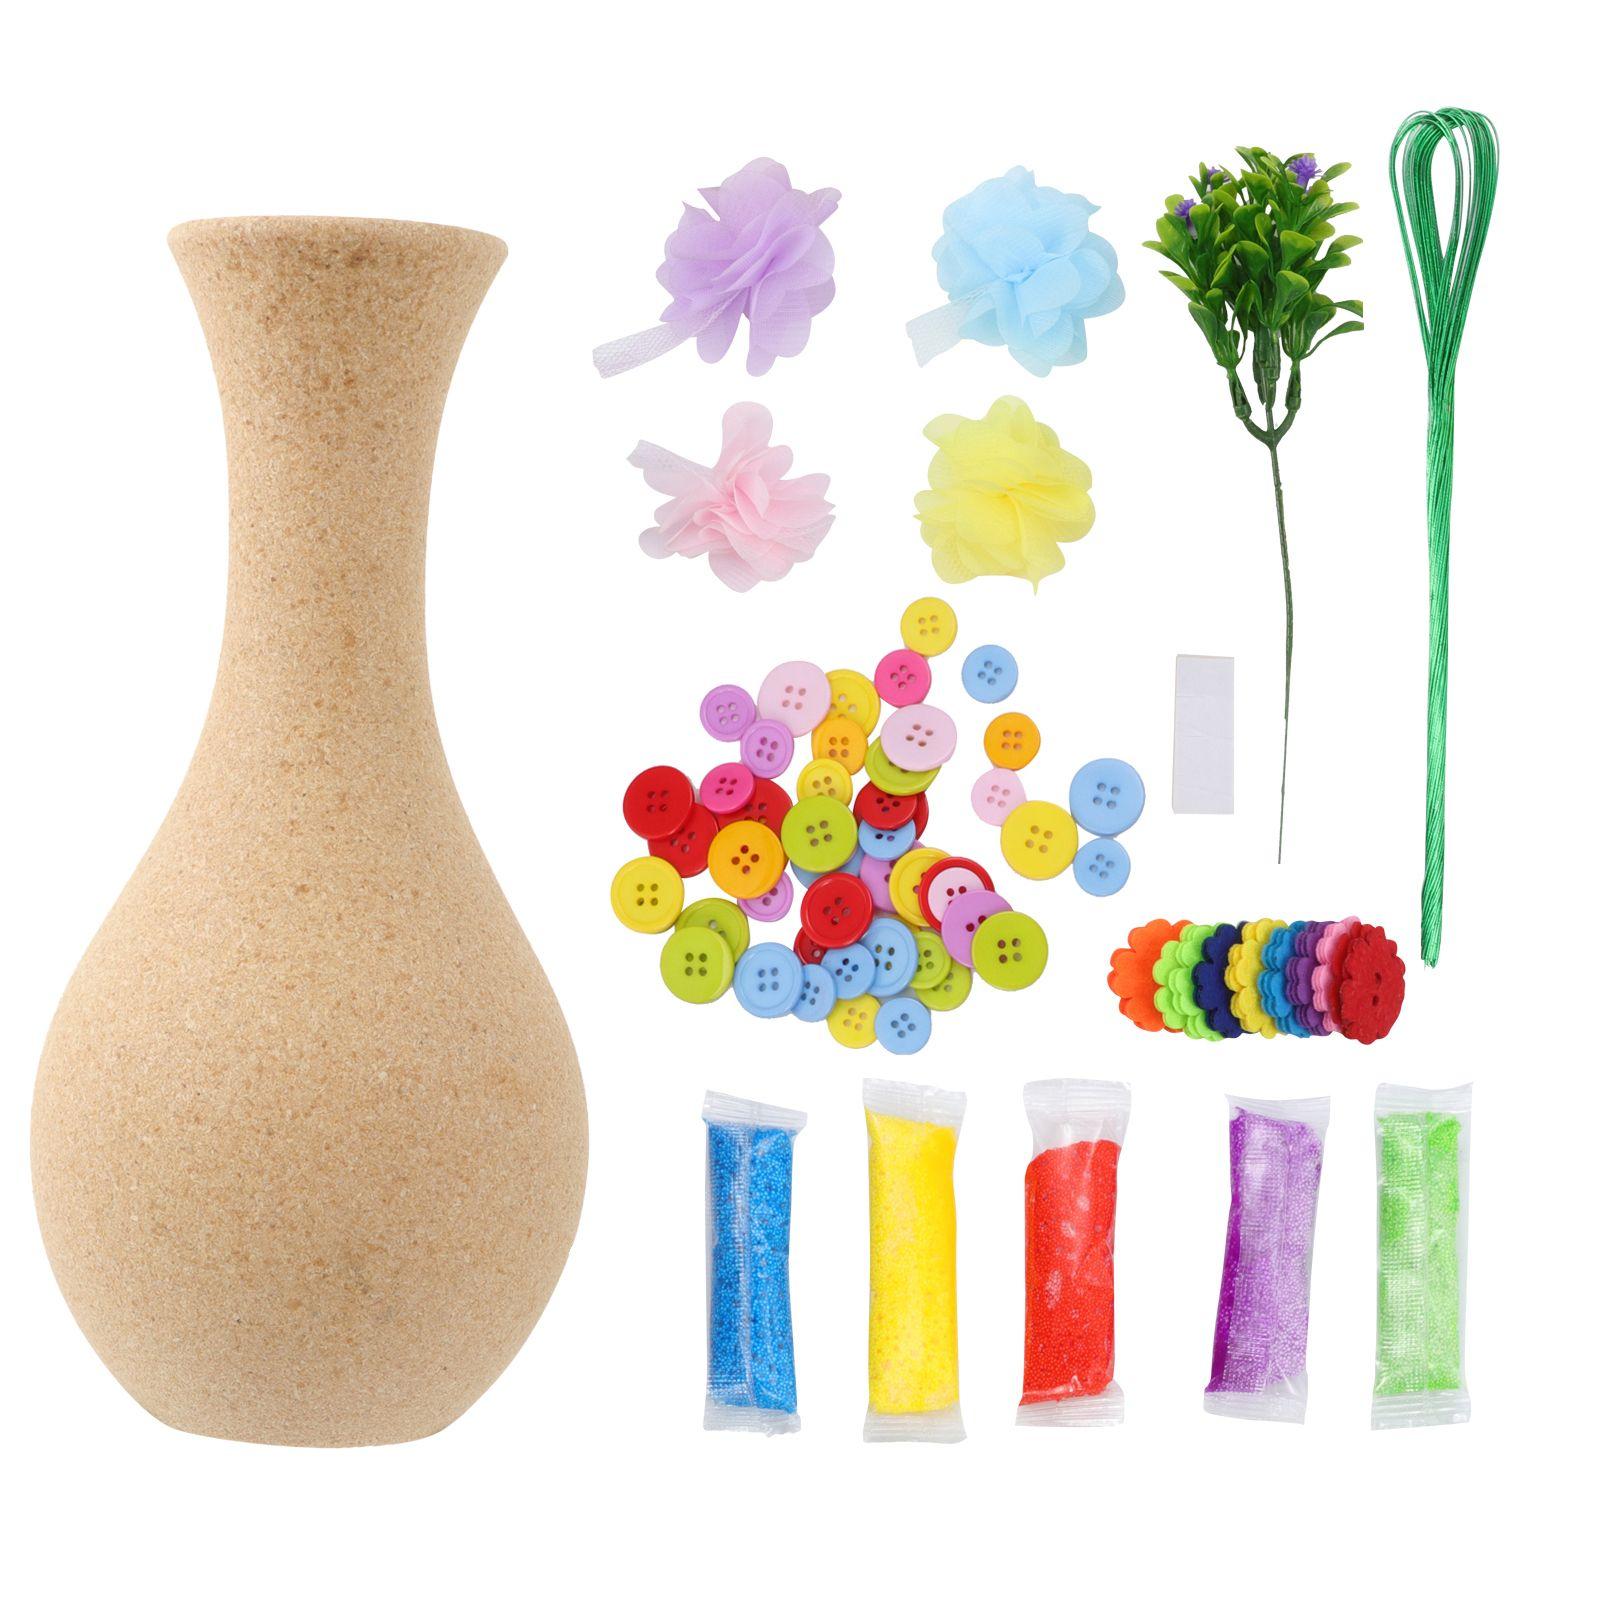 2 S?tze Flower Craft Handmade Kit Kinder Vase Kunst Spielzeug DIY Aktivit?t Geschenk Handwerk